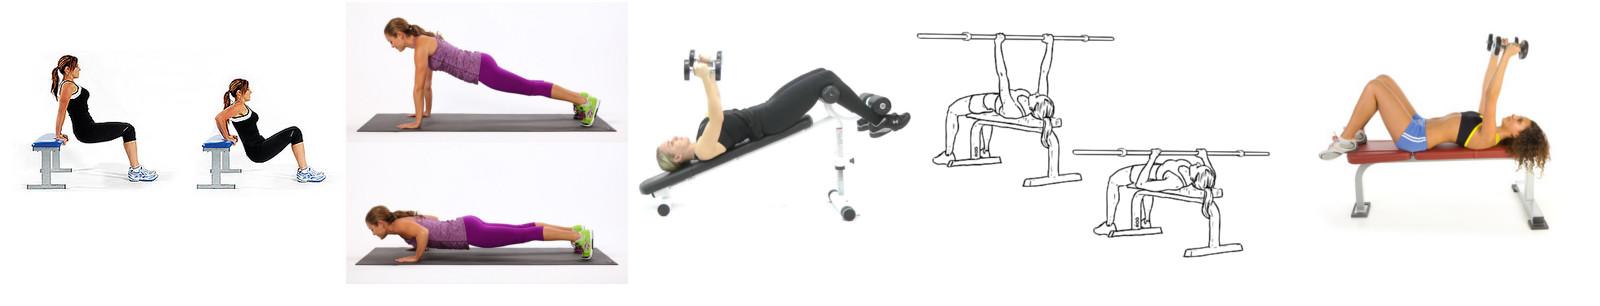 como disminuir el busto - ejercicios